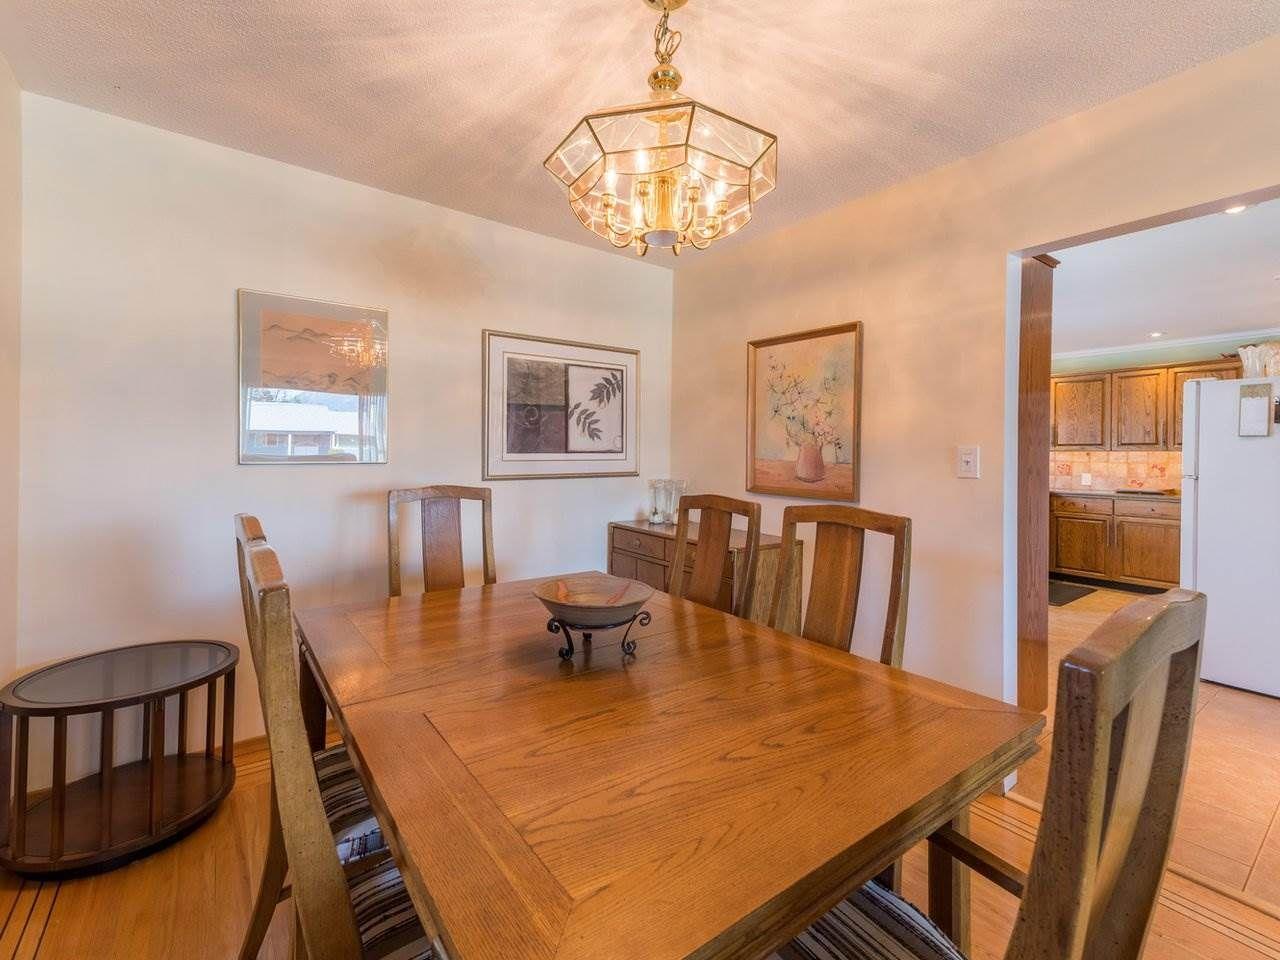 Photo 9: Photos: 808 REGAN Avenue in Coquitlam: Coquitlam West House for sale : MLS®# R2563486